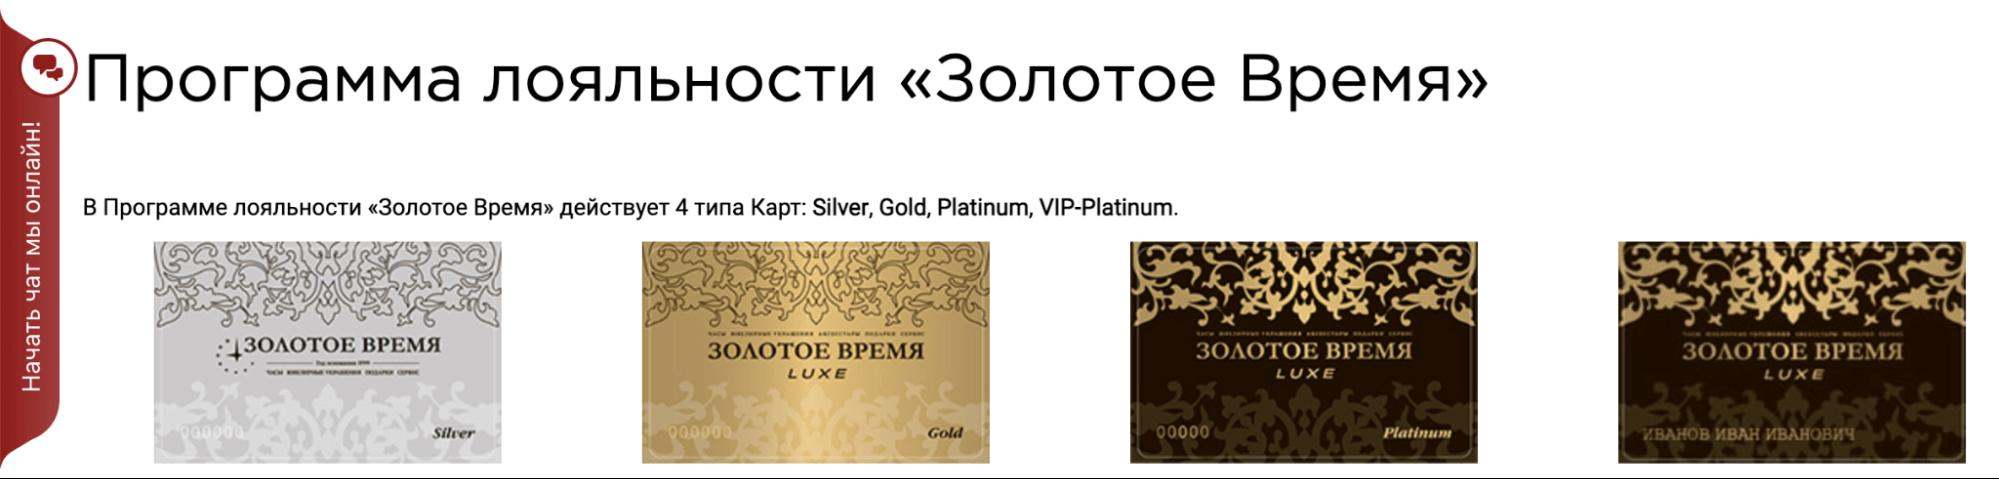 """Многоуровневая программа лояльности интернет-магазина """"Золотое Время"""""""